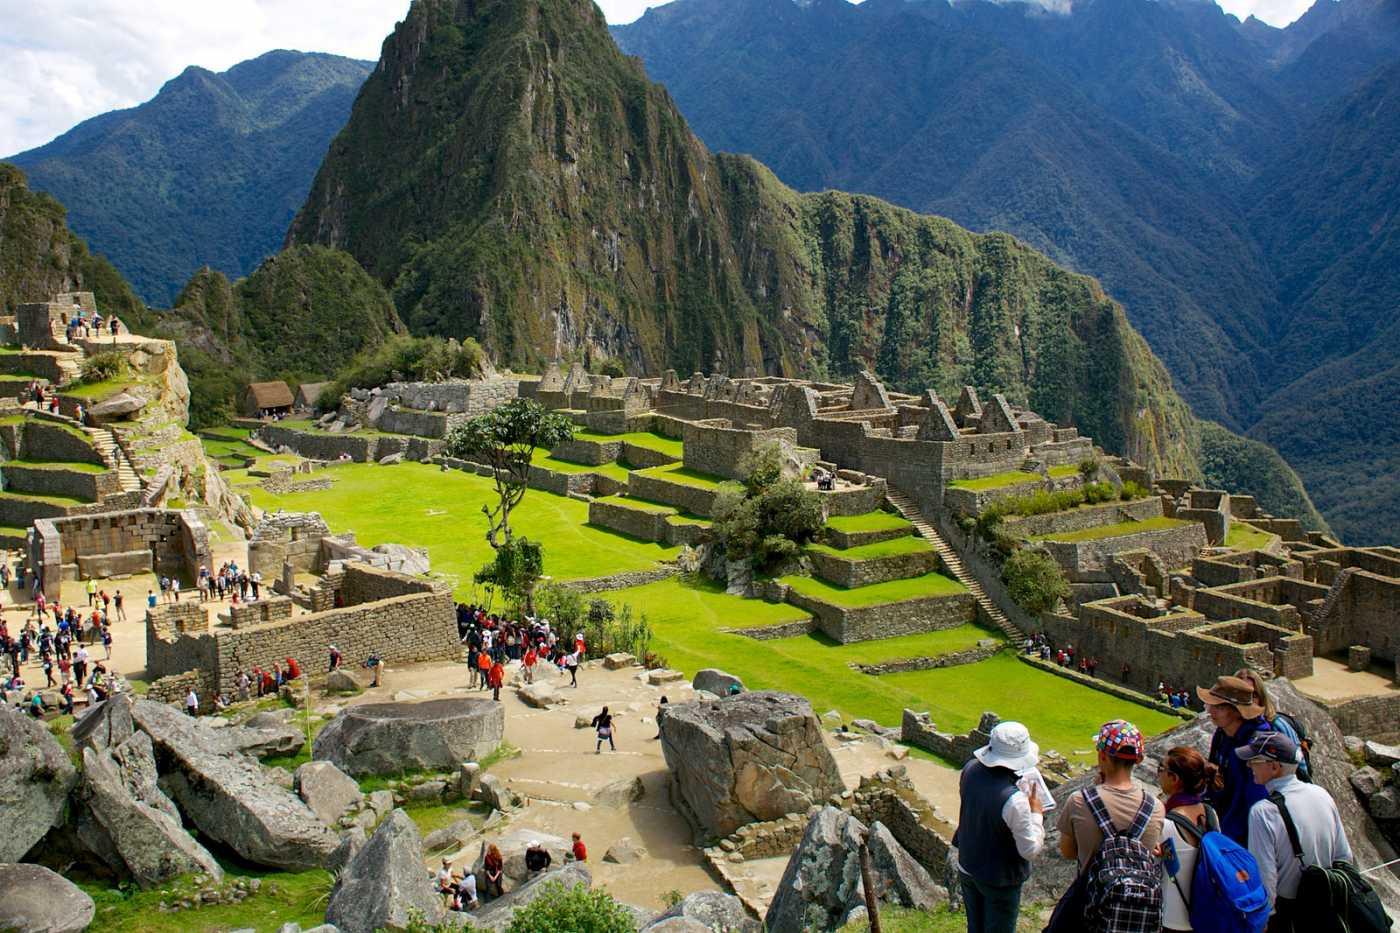 Excursiones en Machu Picchu y boletos de ingreso